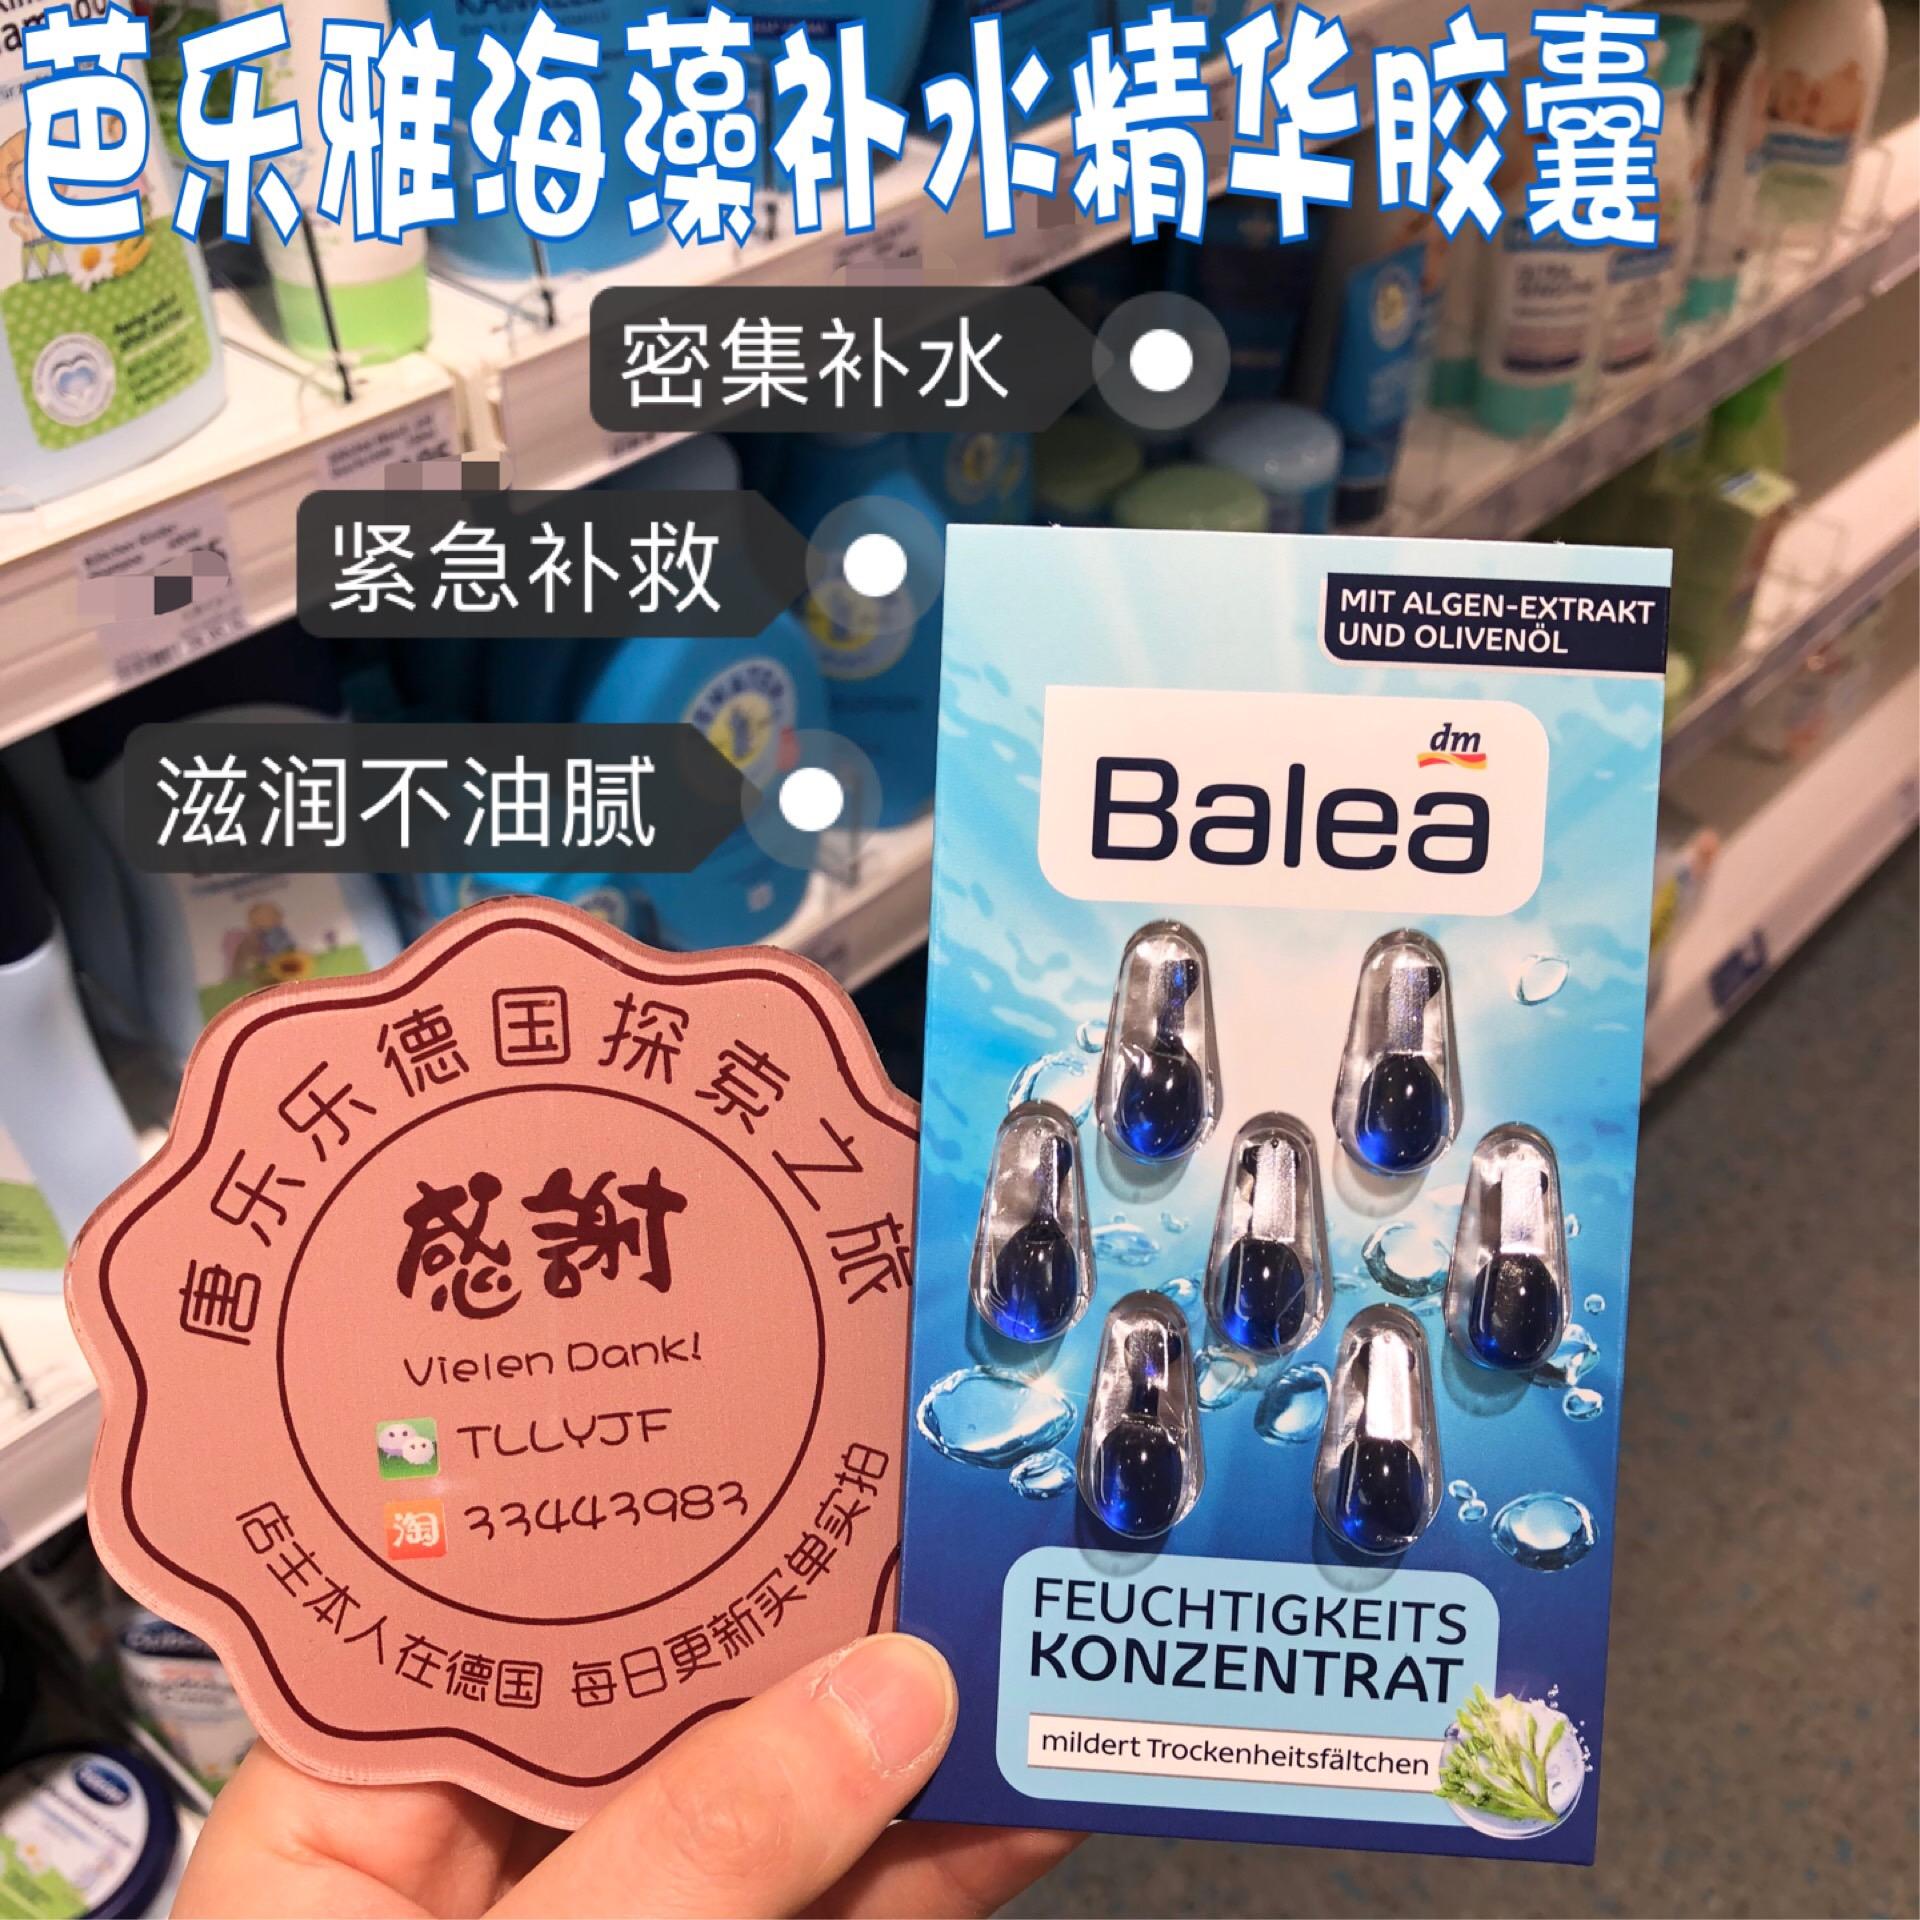 现货 德国芭乐雅balea海藻橄榄油精华胶囊强效补水保湿7粒 dm超市